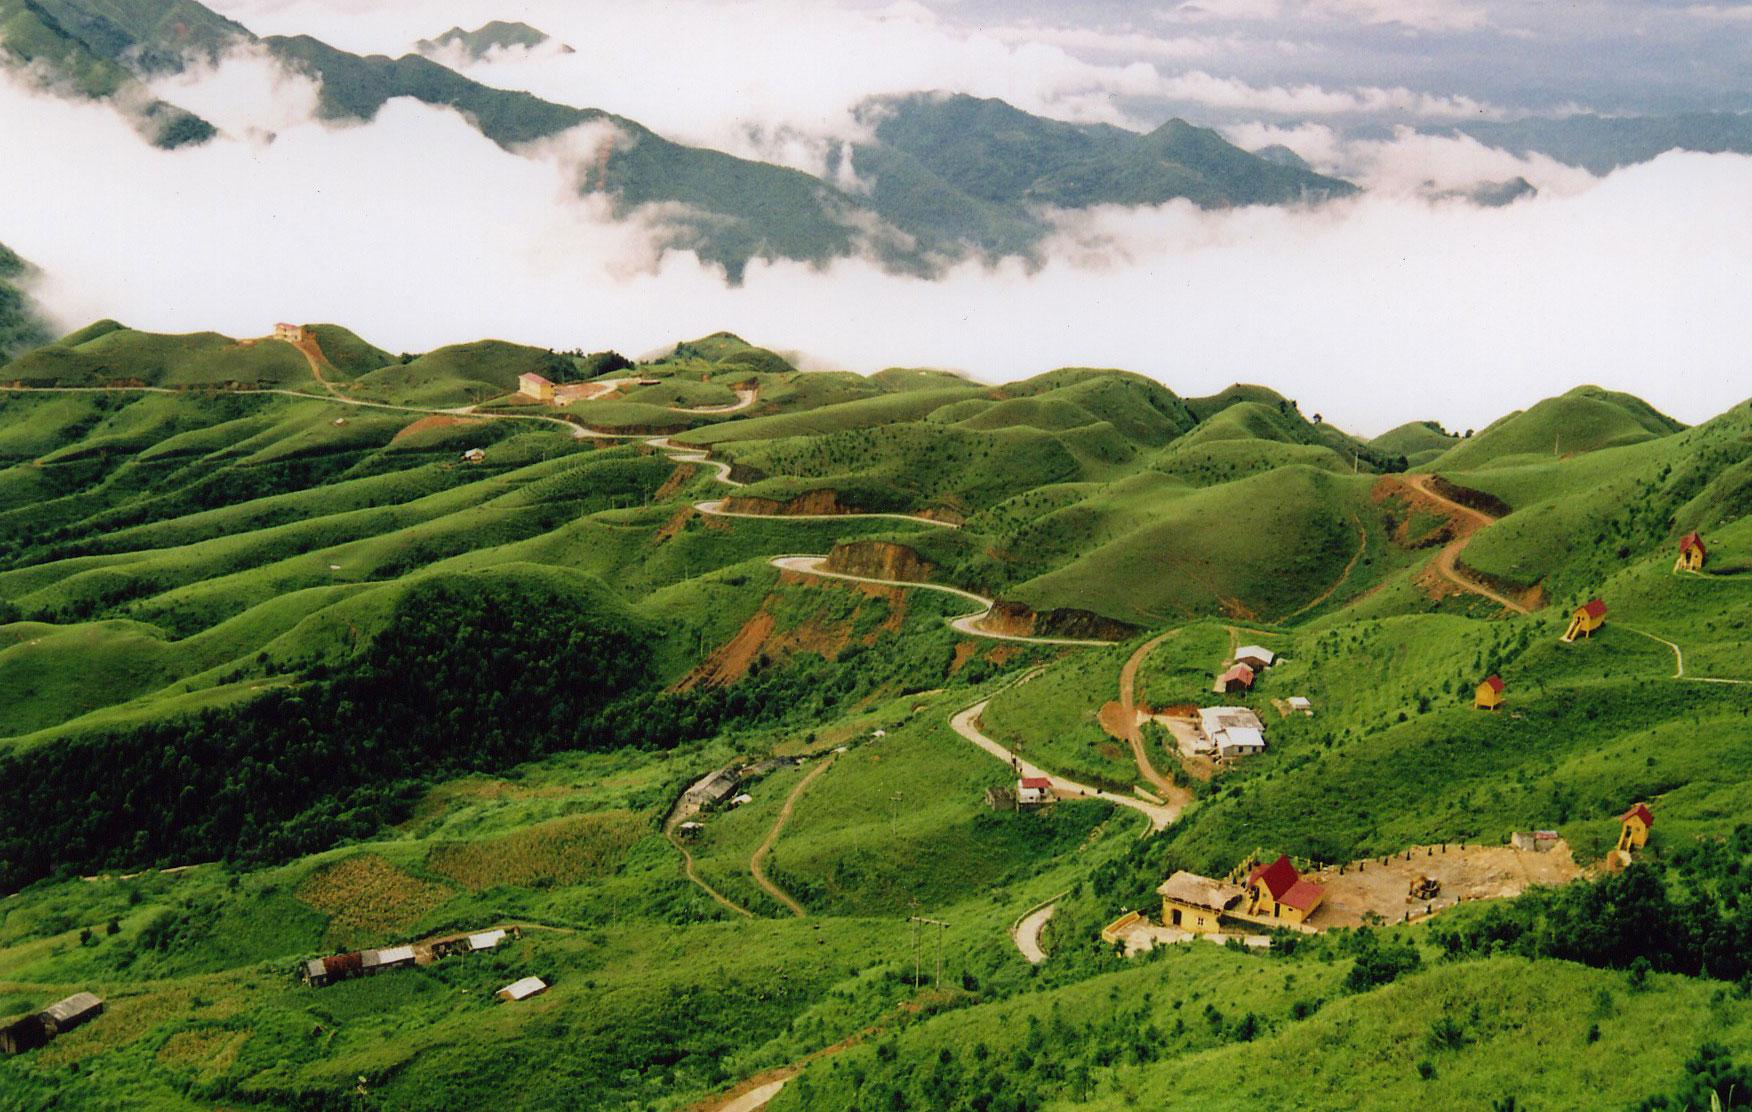 Đi du lịch Lạng Sơn tìm hiểu thiên đường kì diệu